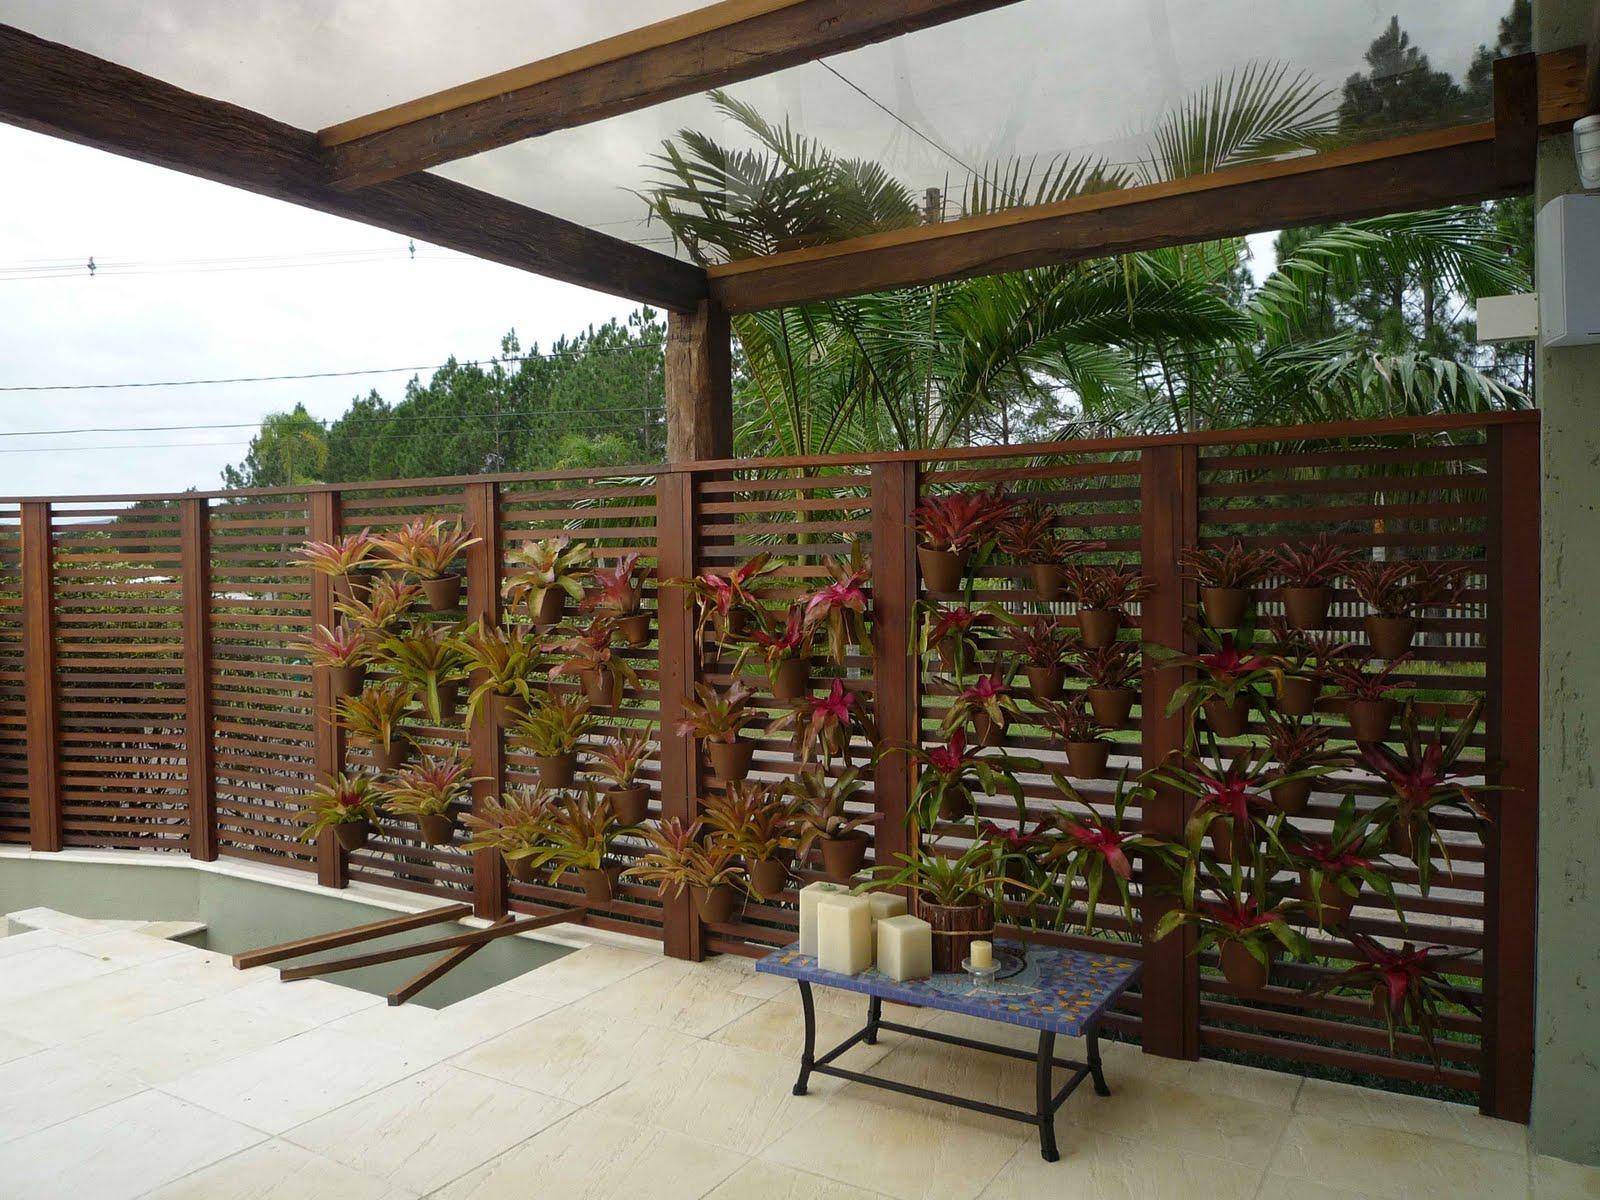 trelica jardim madeira : trelica de madeira jardim vertical ? Doitri.com